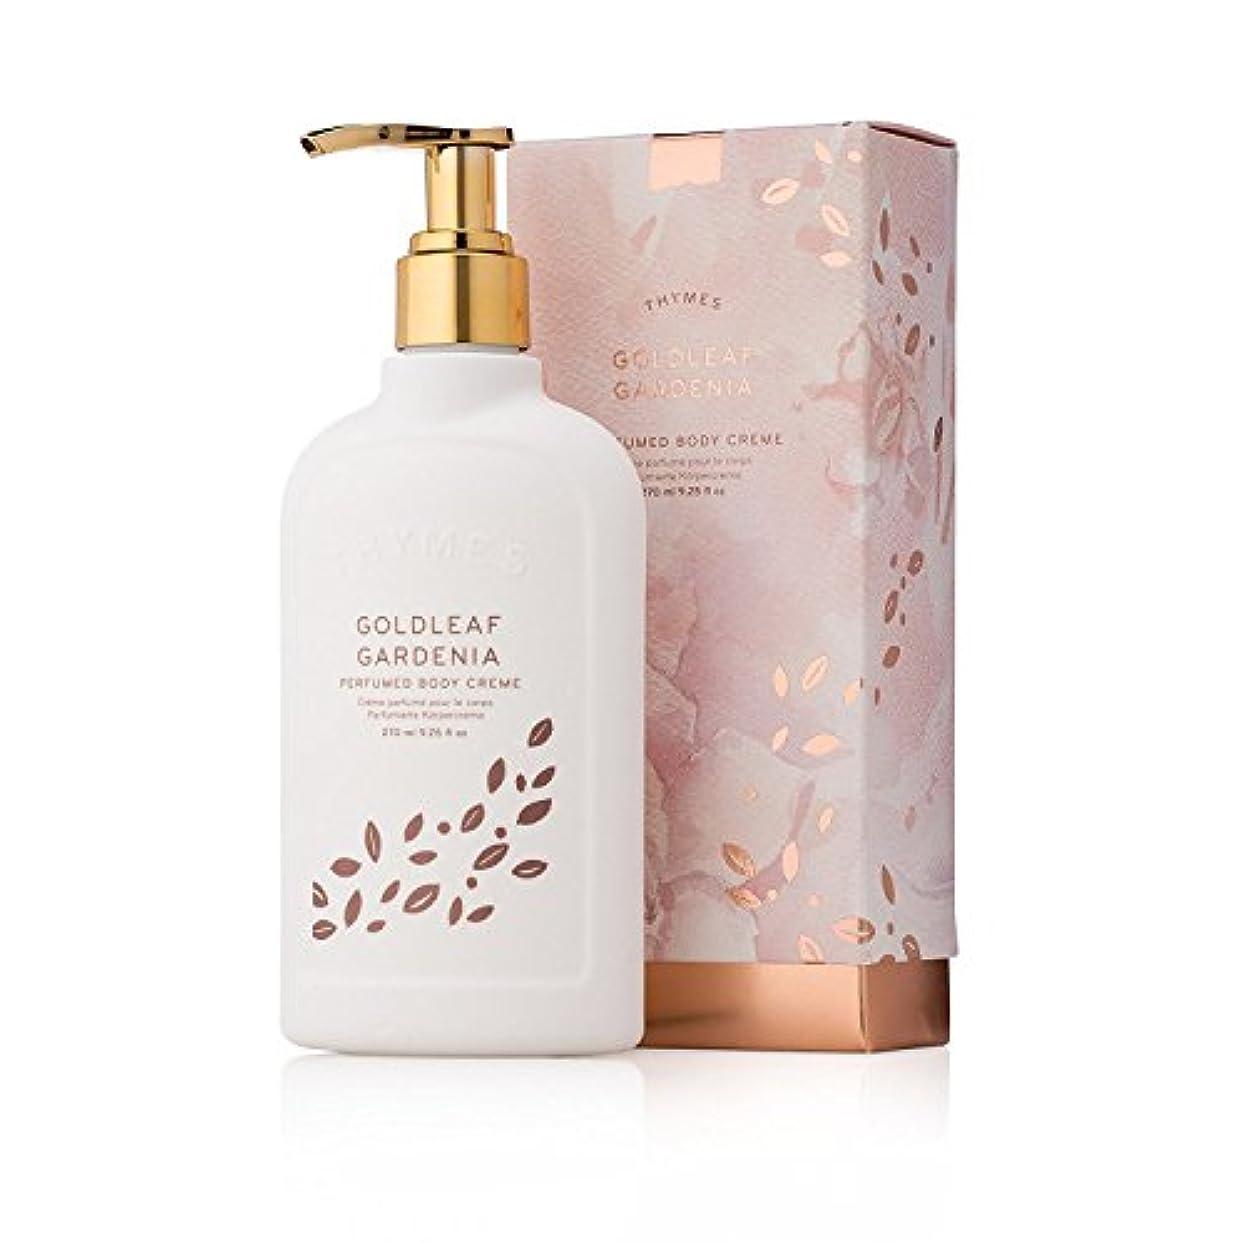 波キノコ寺院タイムズ Goldleaf Gardenia Perfumed Body Cream 270ml/9.25oz並行輸入品